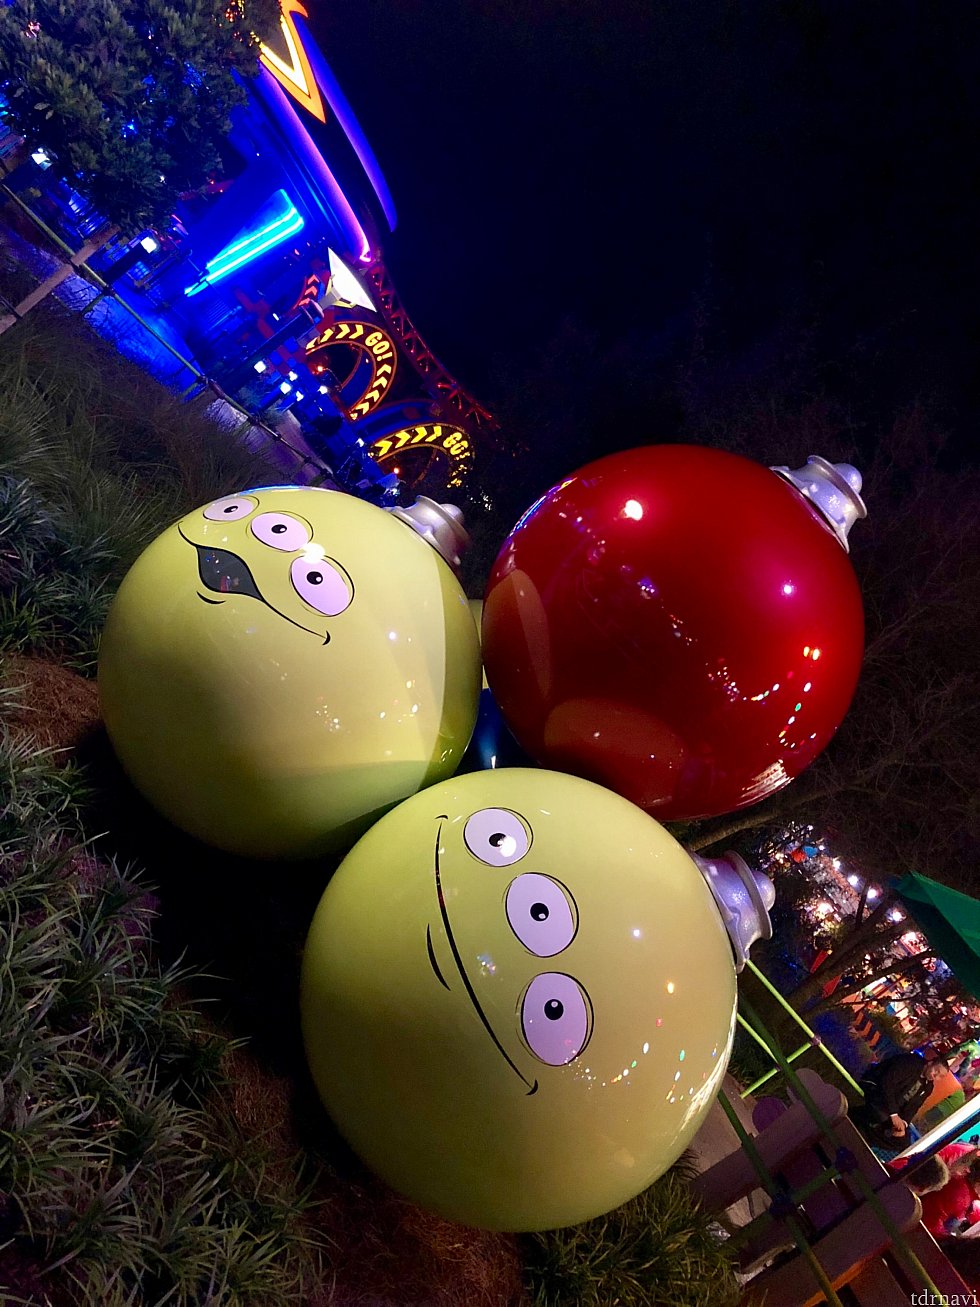 グリーンエイリアンのクリスマスツリーオーナメント。僕らはオモチャサイズになっているので、このオーナーメントは巨大です。